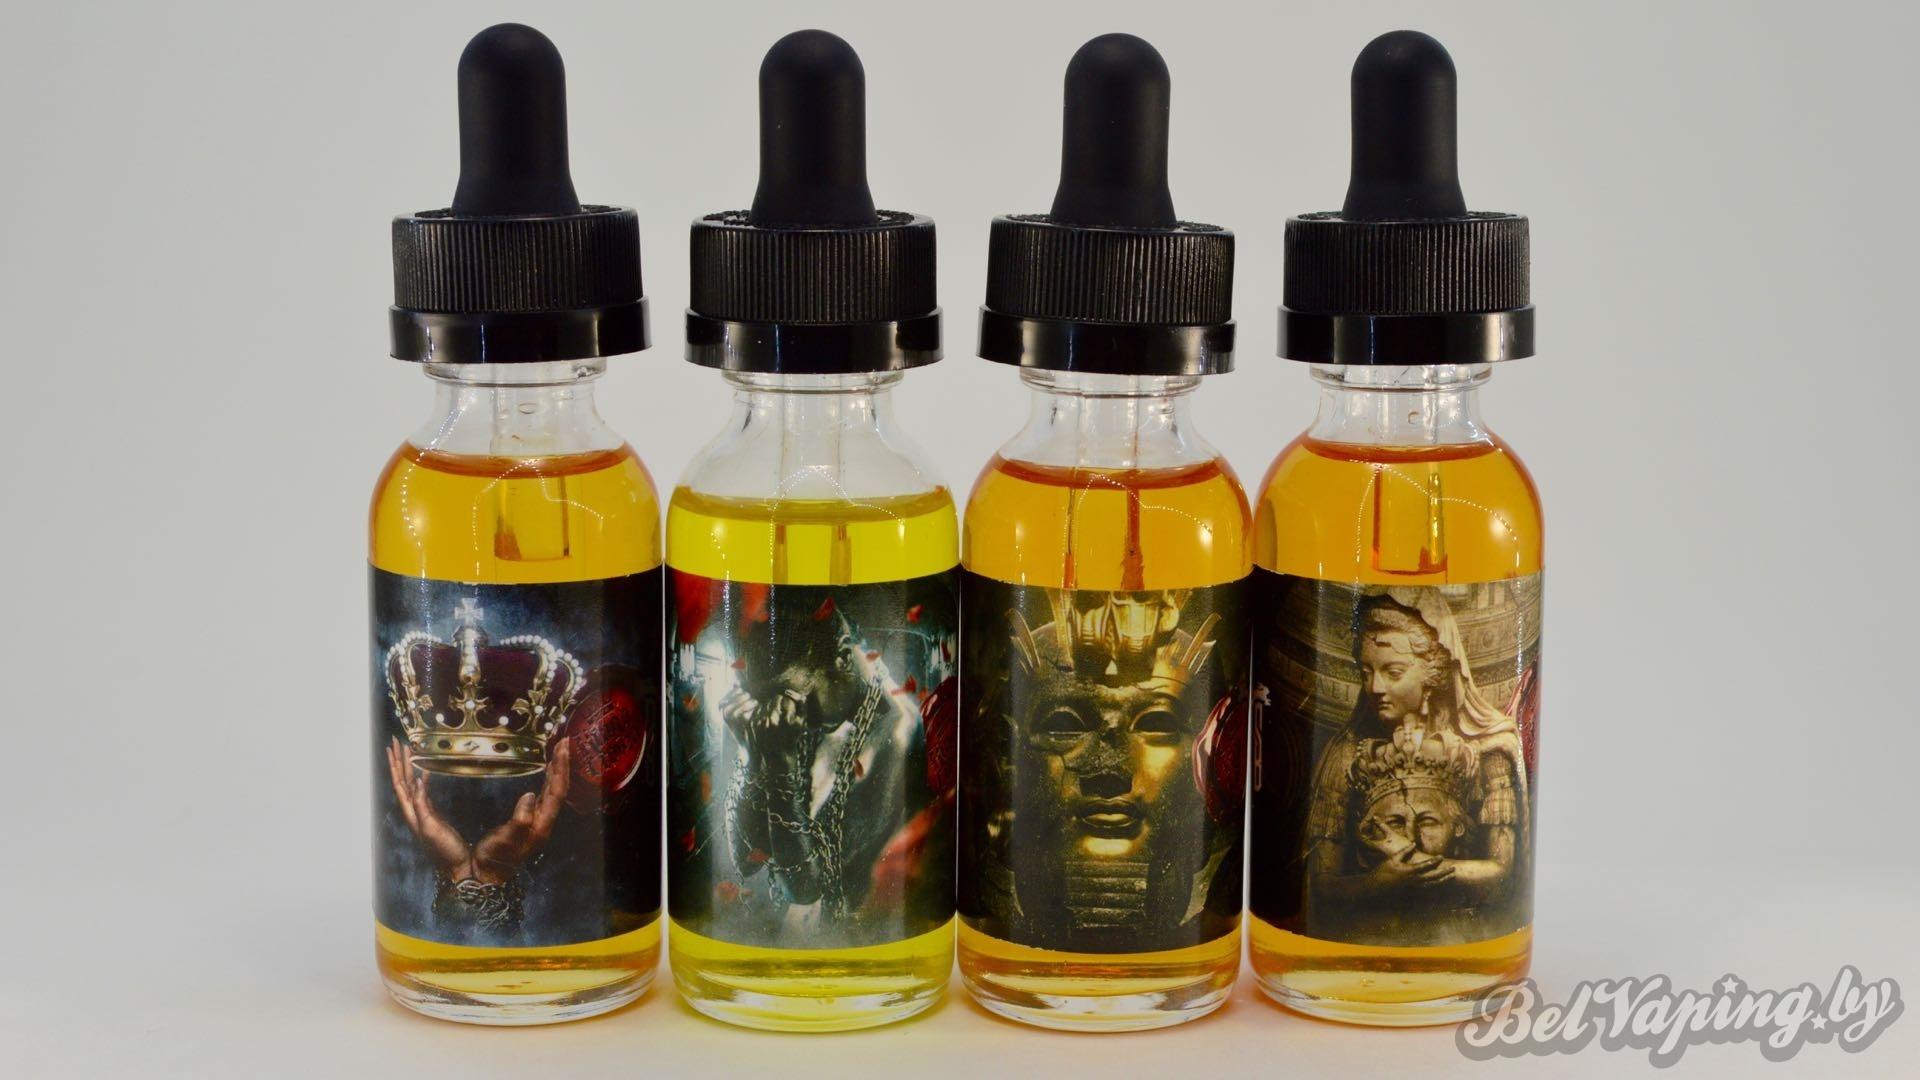 Жидкости для электронных сигарет Suicide Bunny. Линейка King's Crown